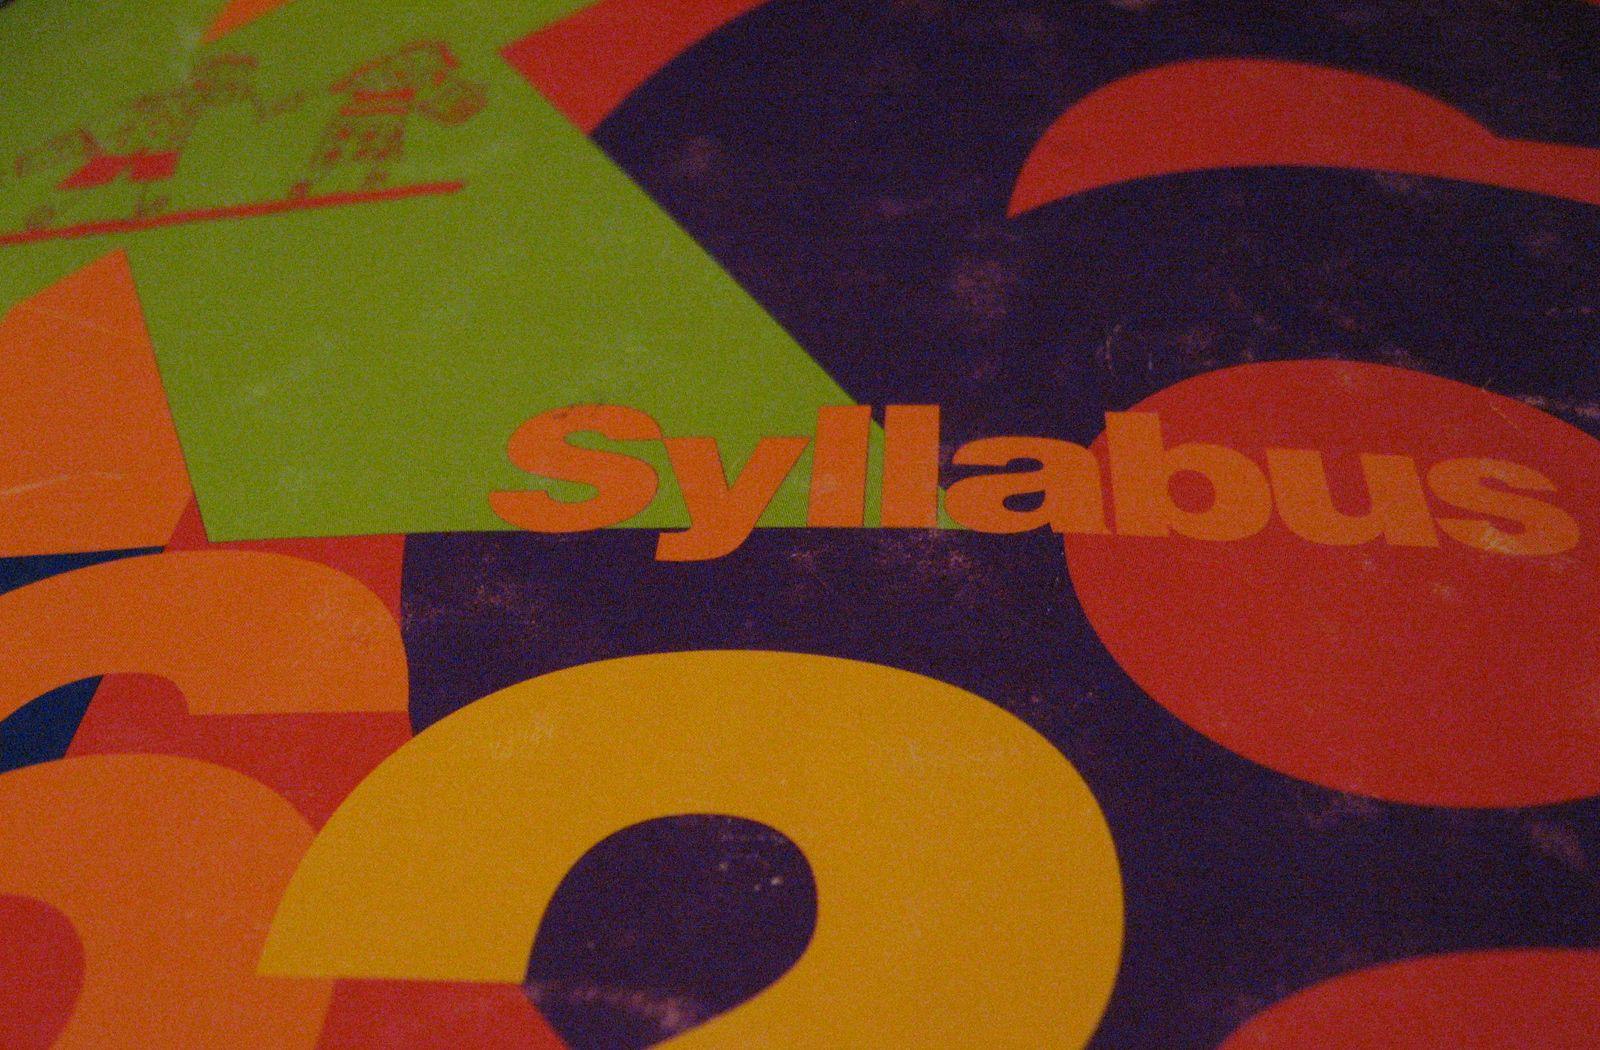 Gamsat Syllabus Section 3